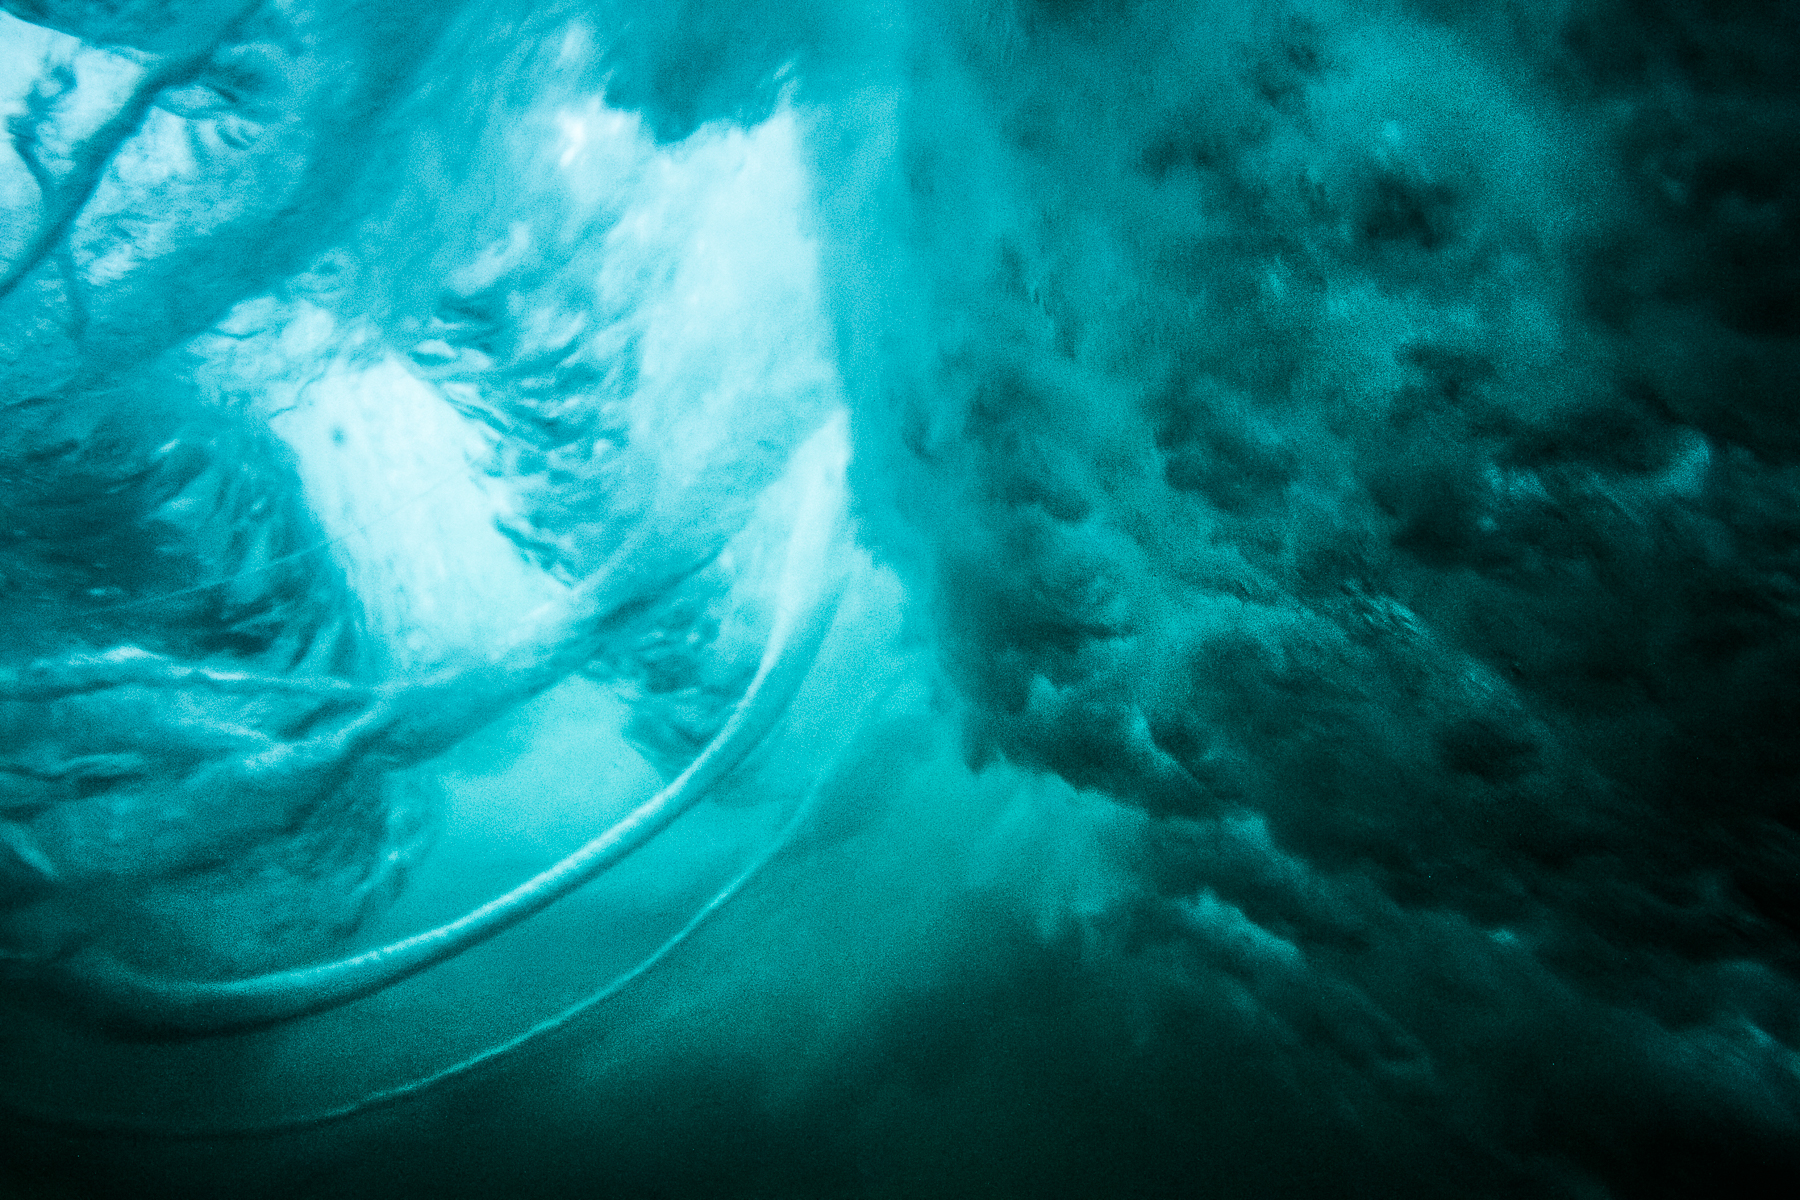 tofino_surf_photography-vortex_1.jpg